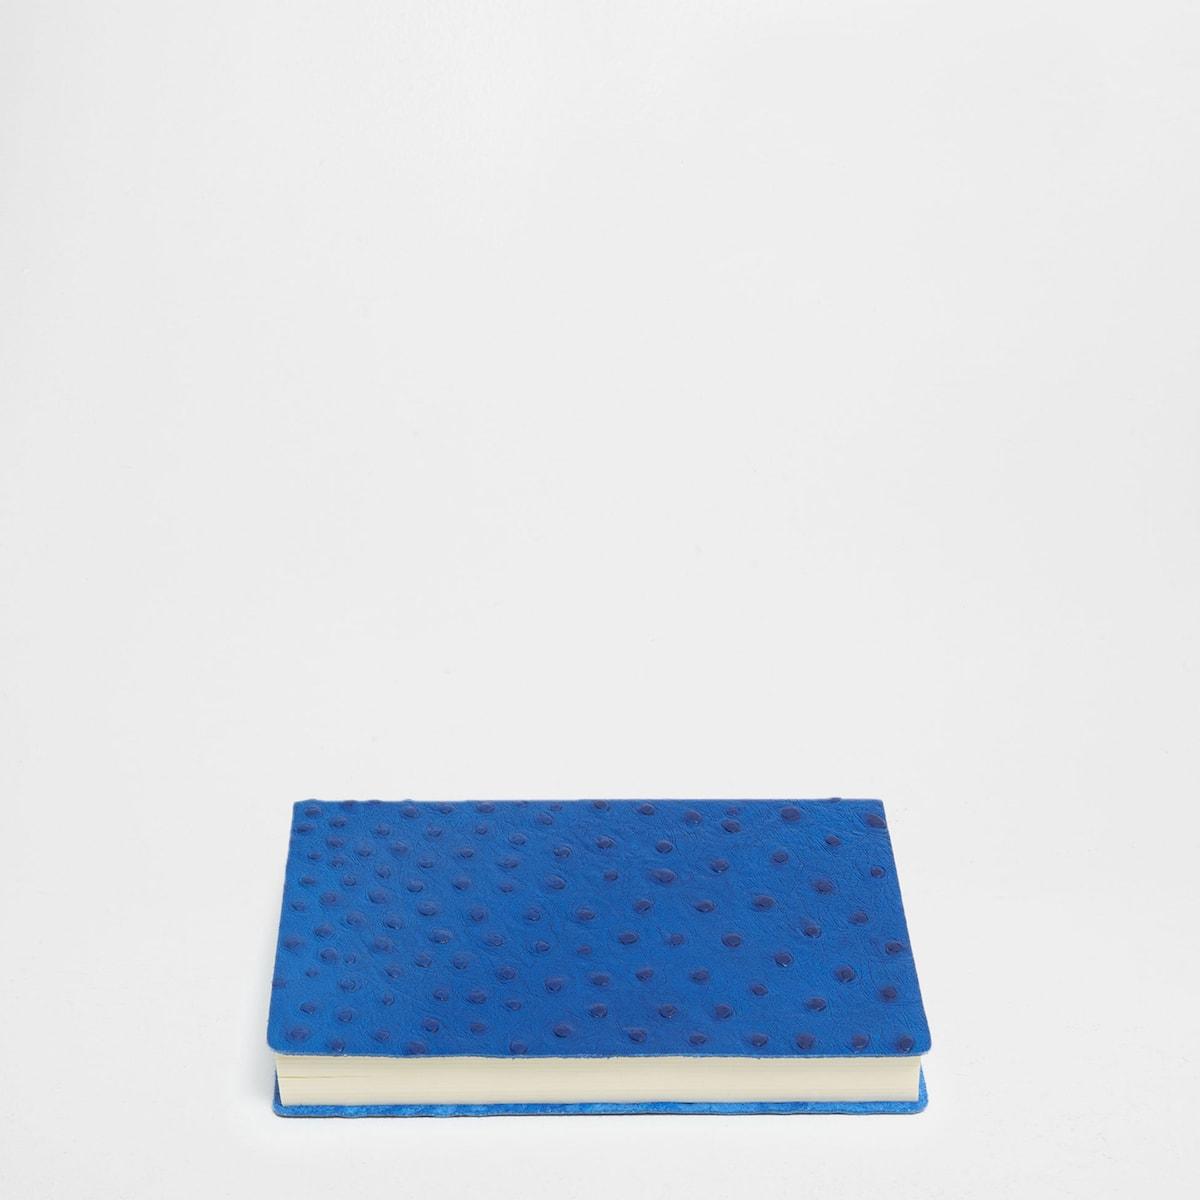 Afbeelding 1 van het product Blauw leren agenda 2017 met struisvogeleffect